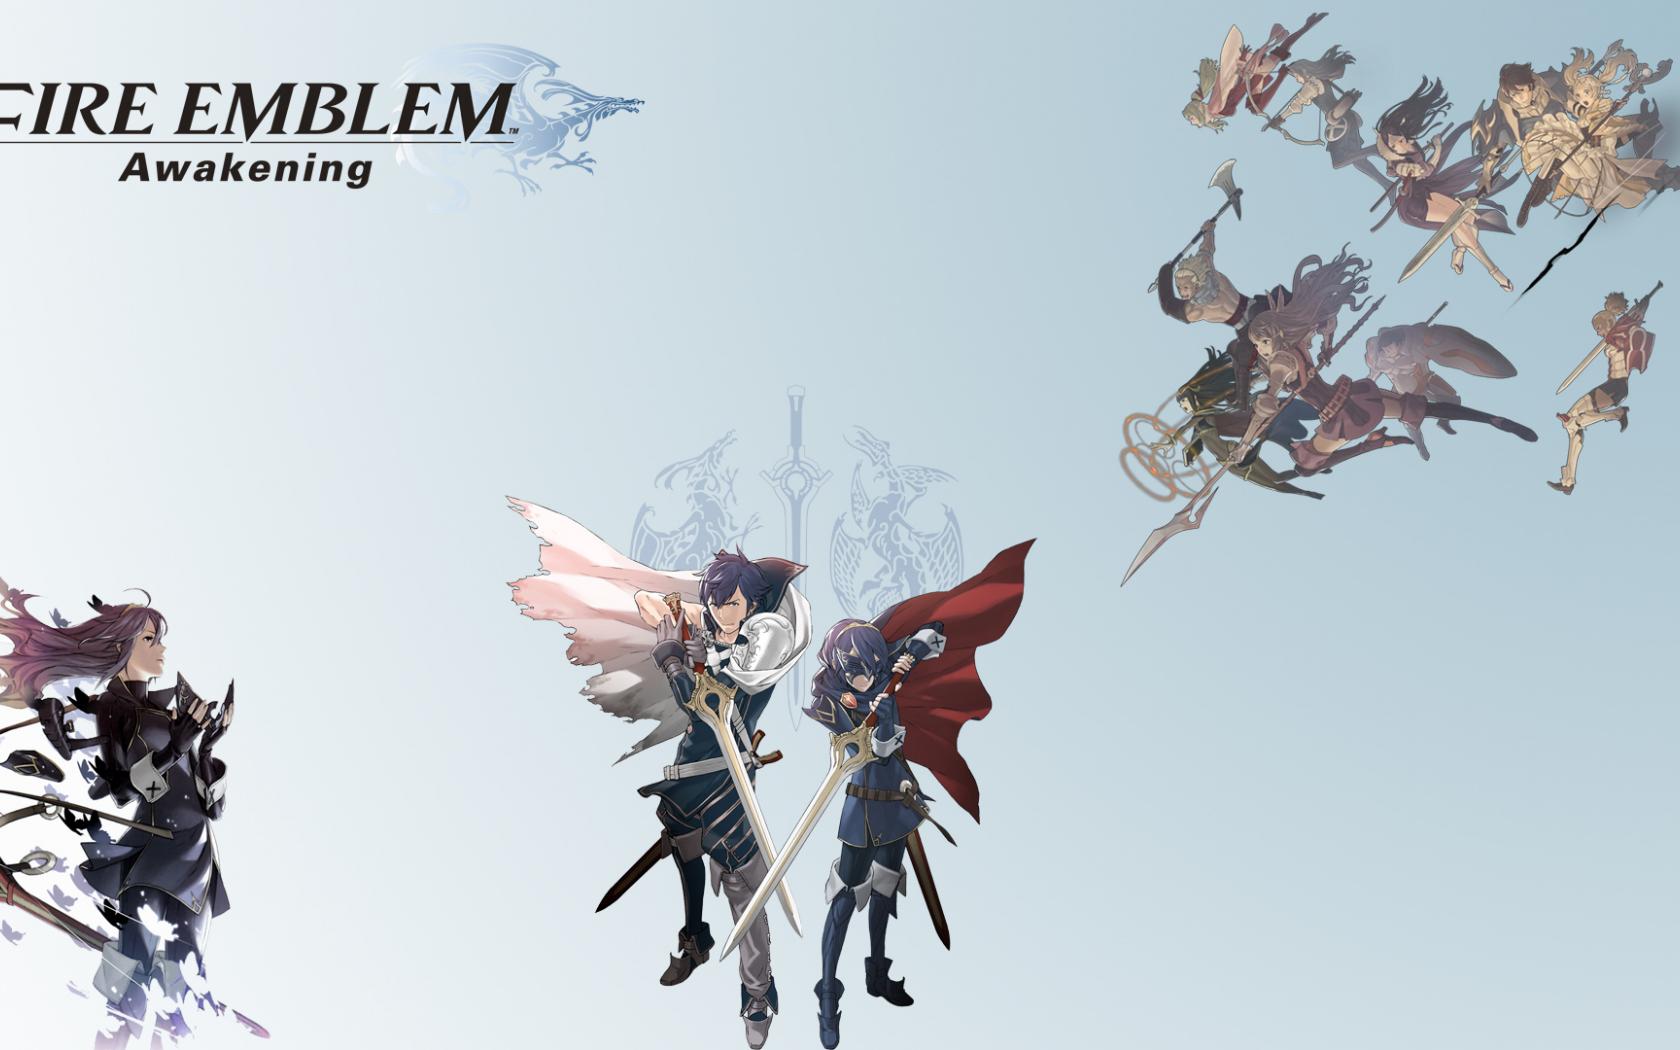 Free Download Fire Emblem Awakening Wallpaper By Zupertompa